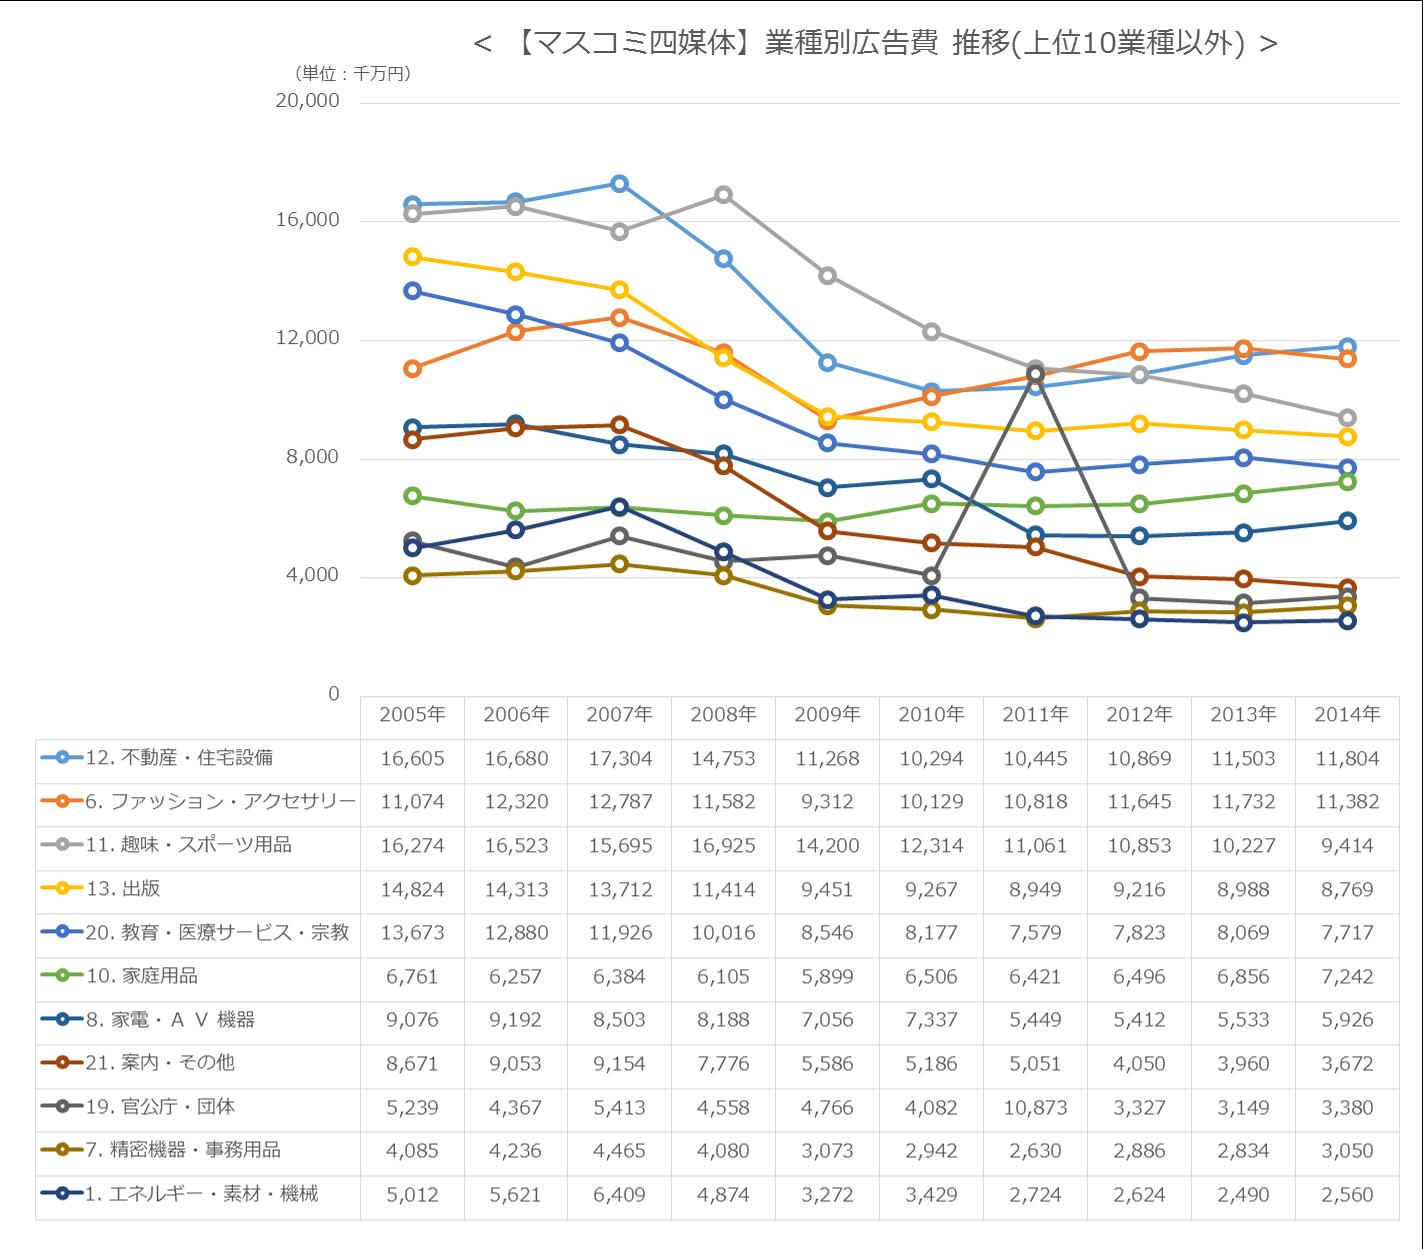 【マスコミ四媒体】業種別広告費 推移(上位10業種以外)